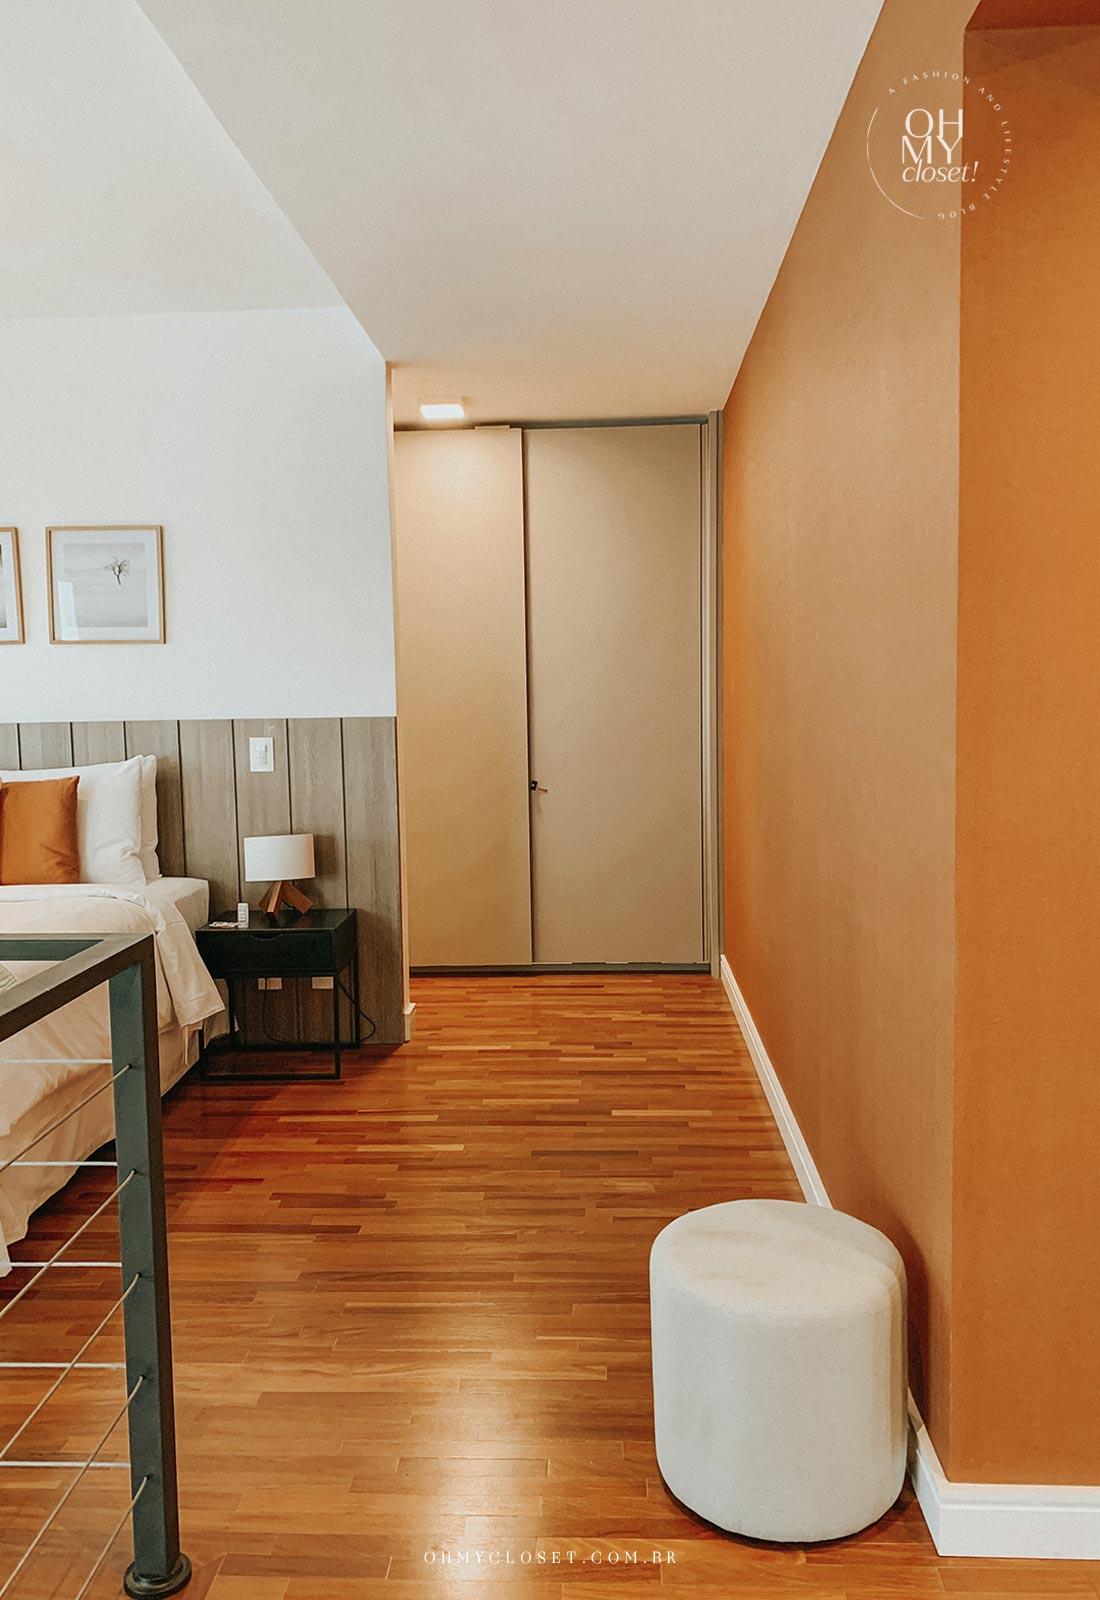 Corredor apartamento Airbnb nos Jardins em São Paulo.